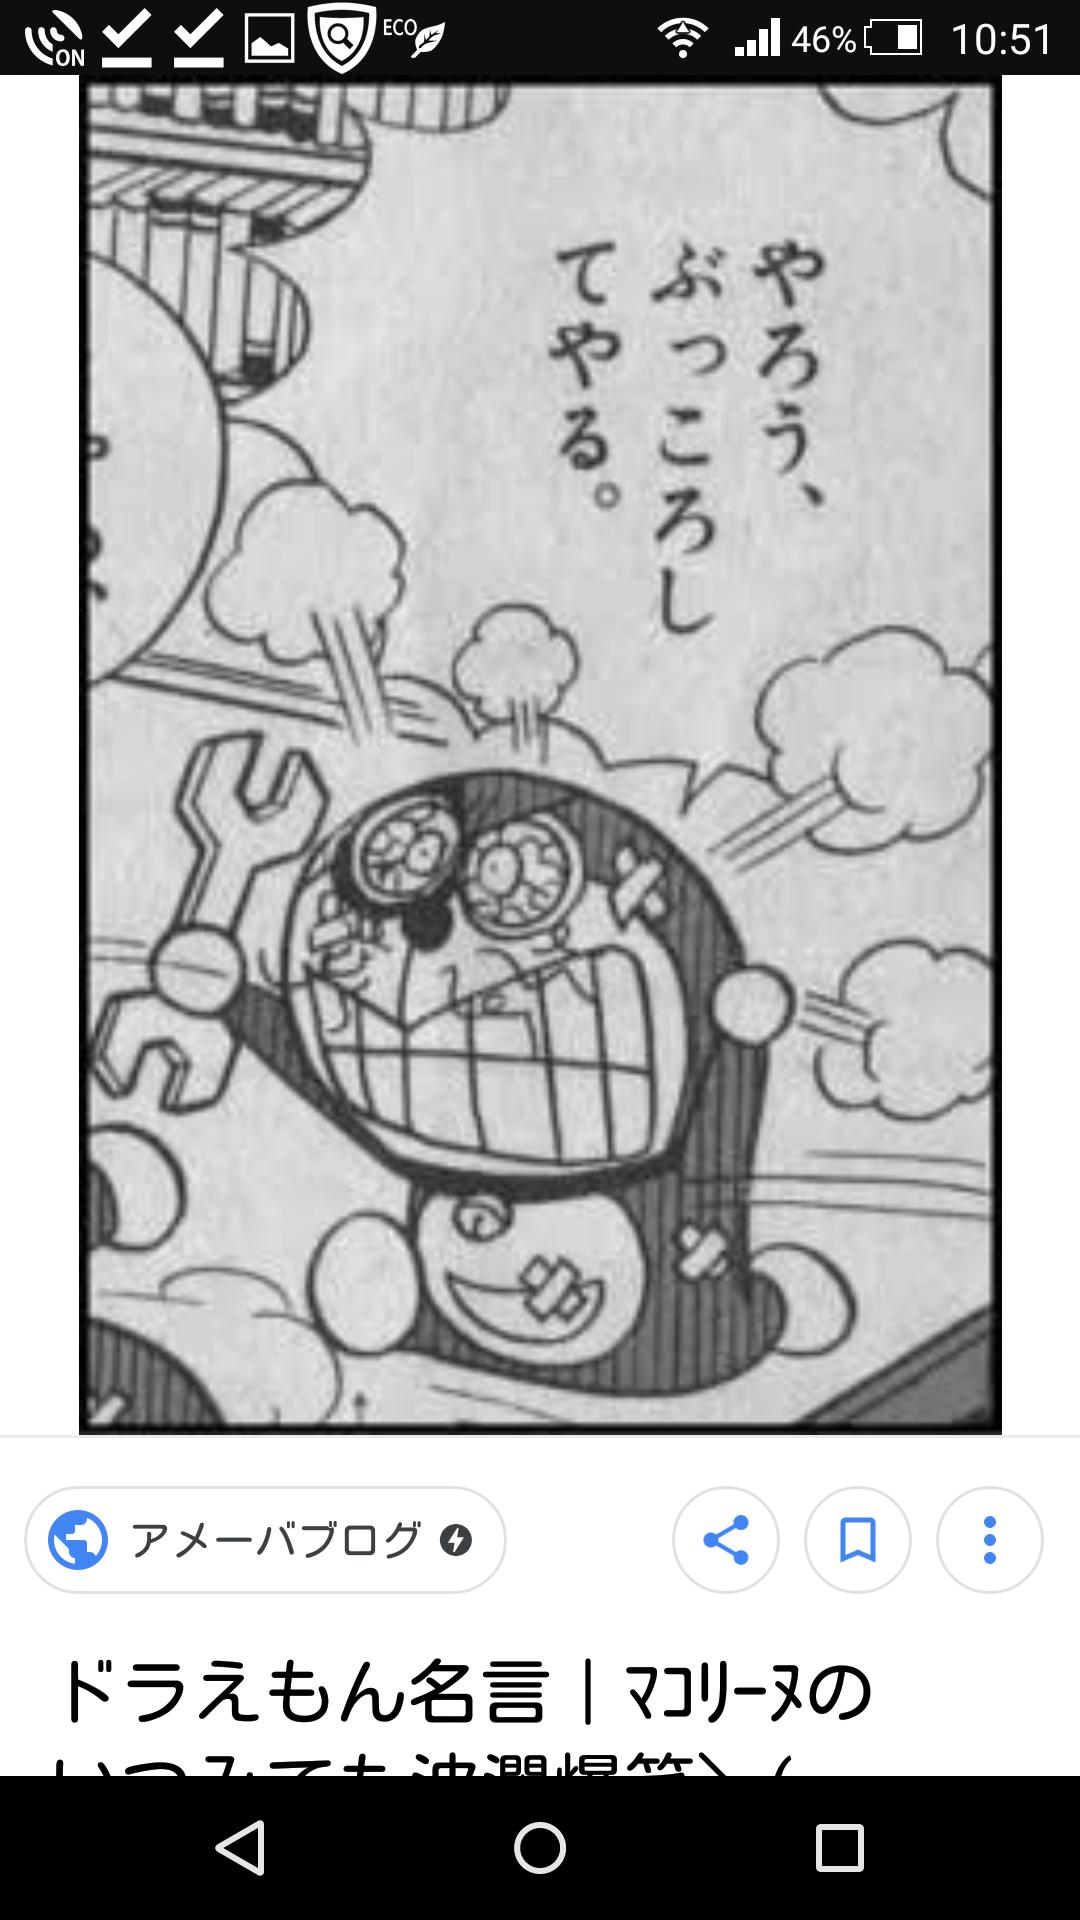 「着物の知識なし」「物言いきつい」…「はれのひ」の篠崎社長